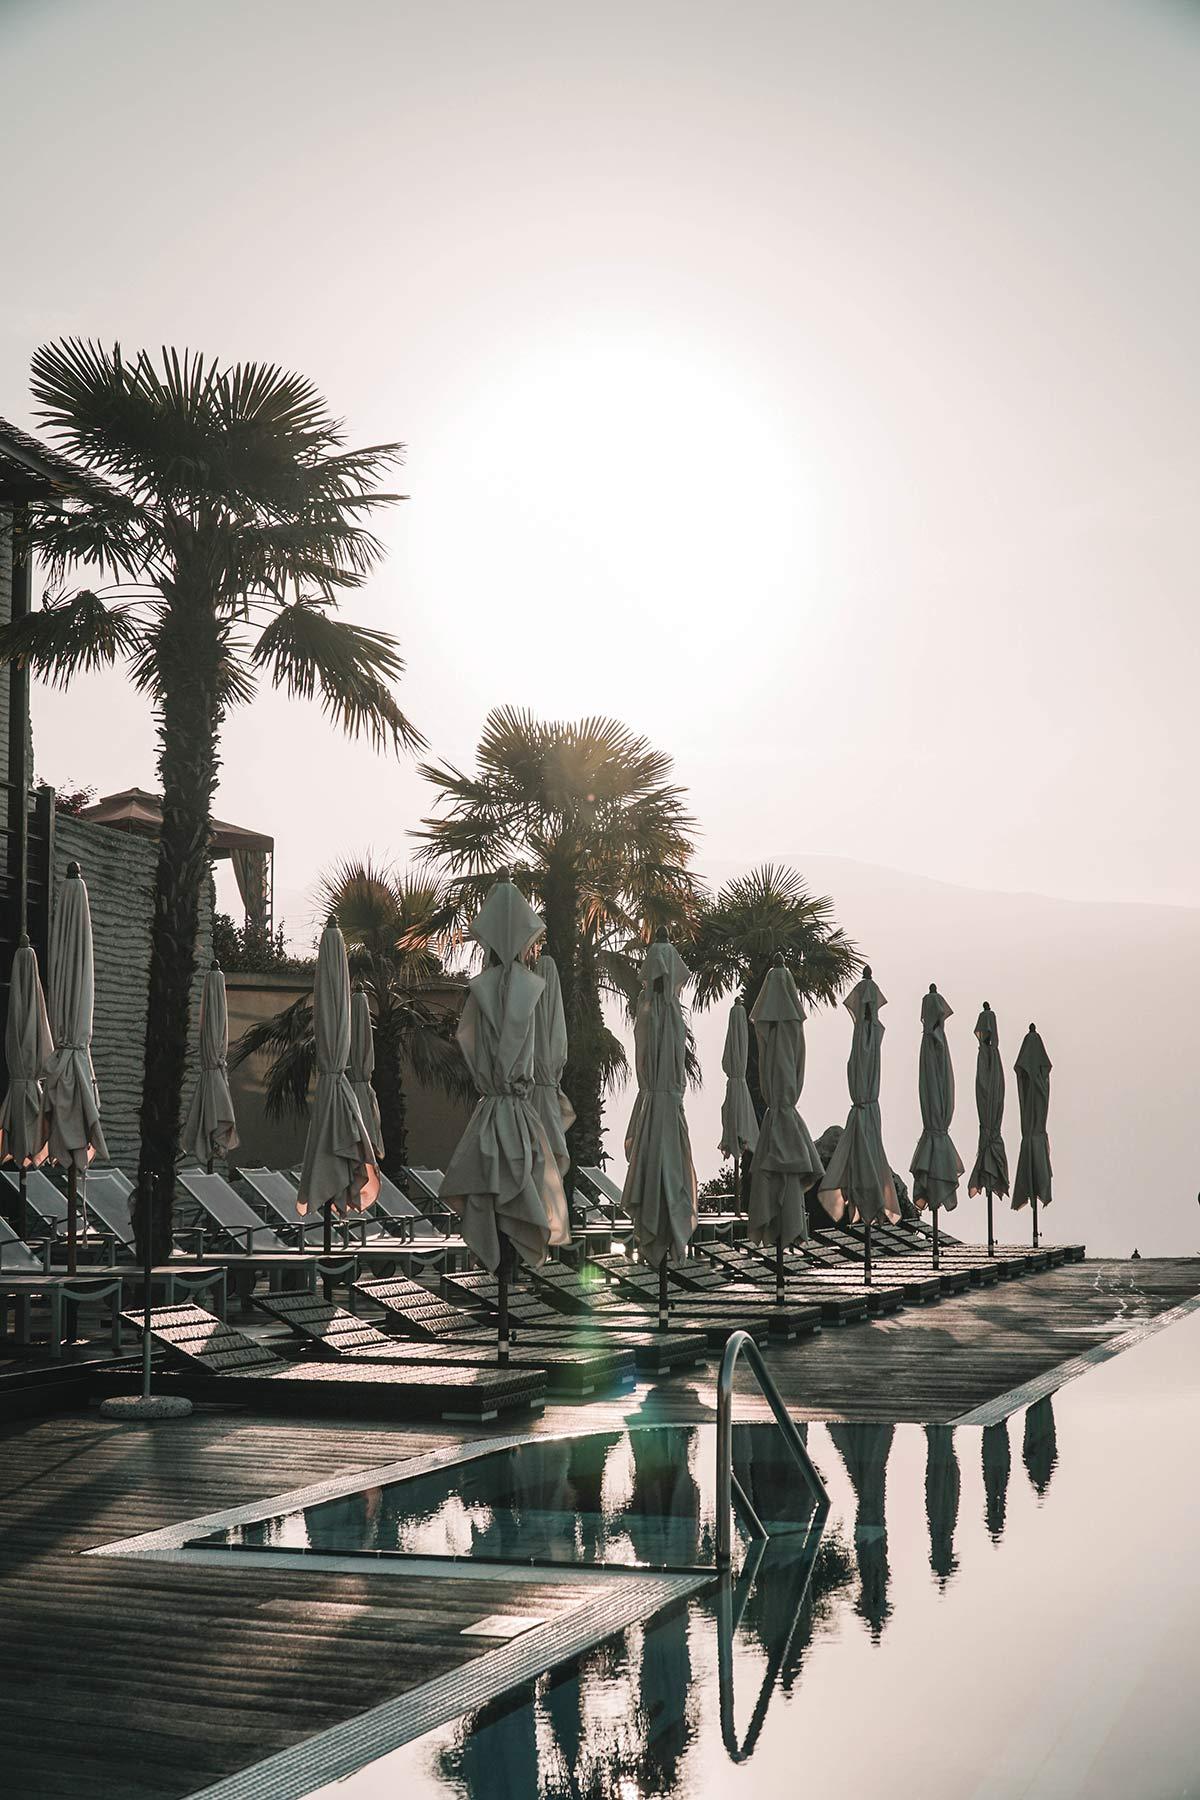 Abendsonne im Lefay Resort